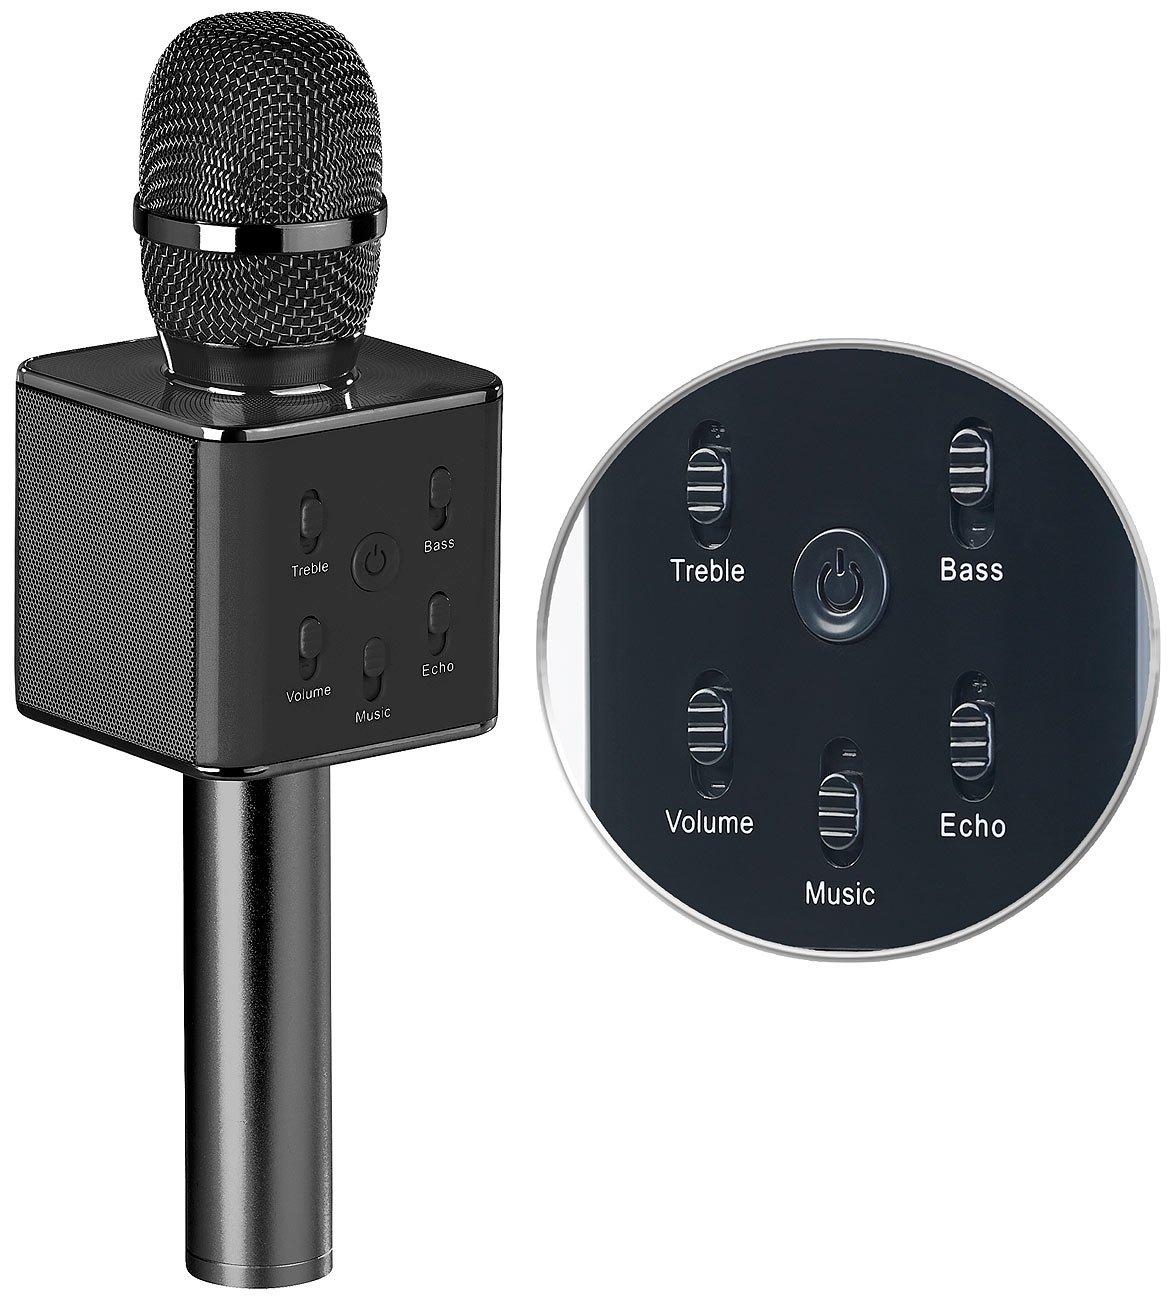 Microphone karaoké avec fonctions lecteur MP3 / haut-parleur / bluetooth Auvisio